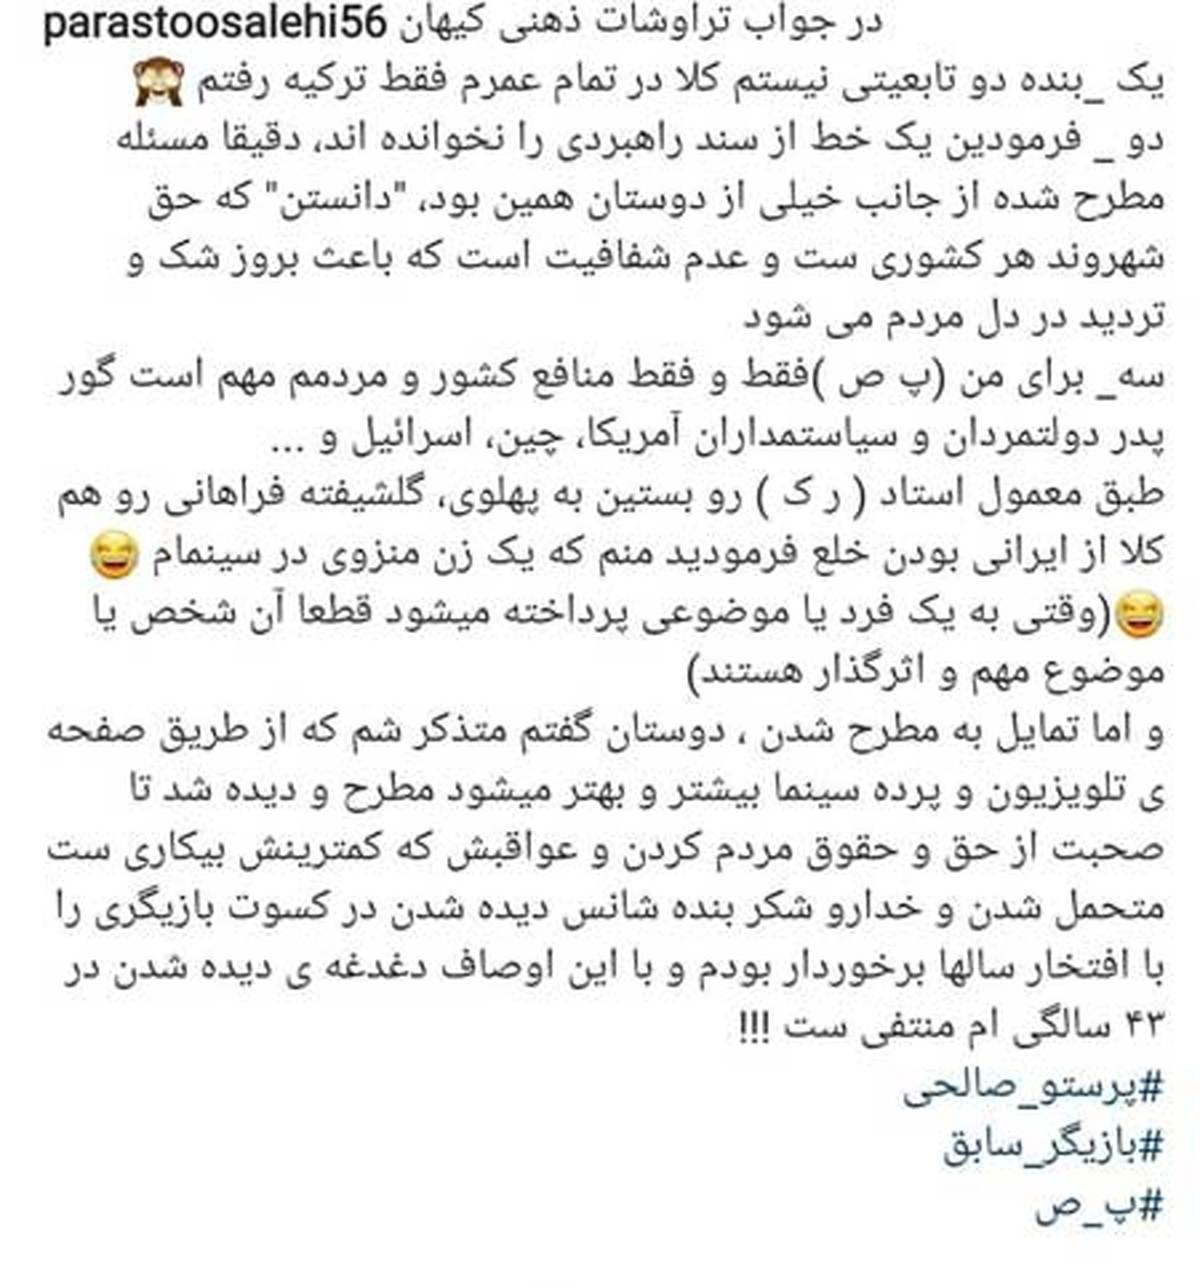 پست اینستاگرامی پرستو صالحی در جواب روزنامه کیهان